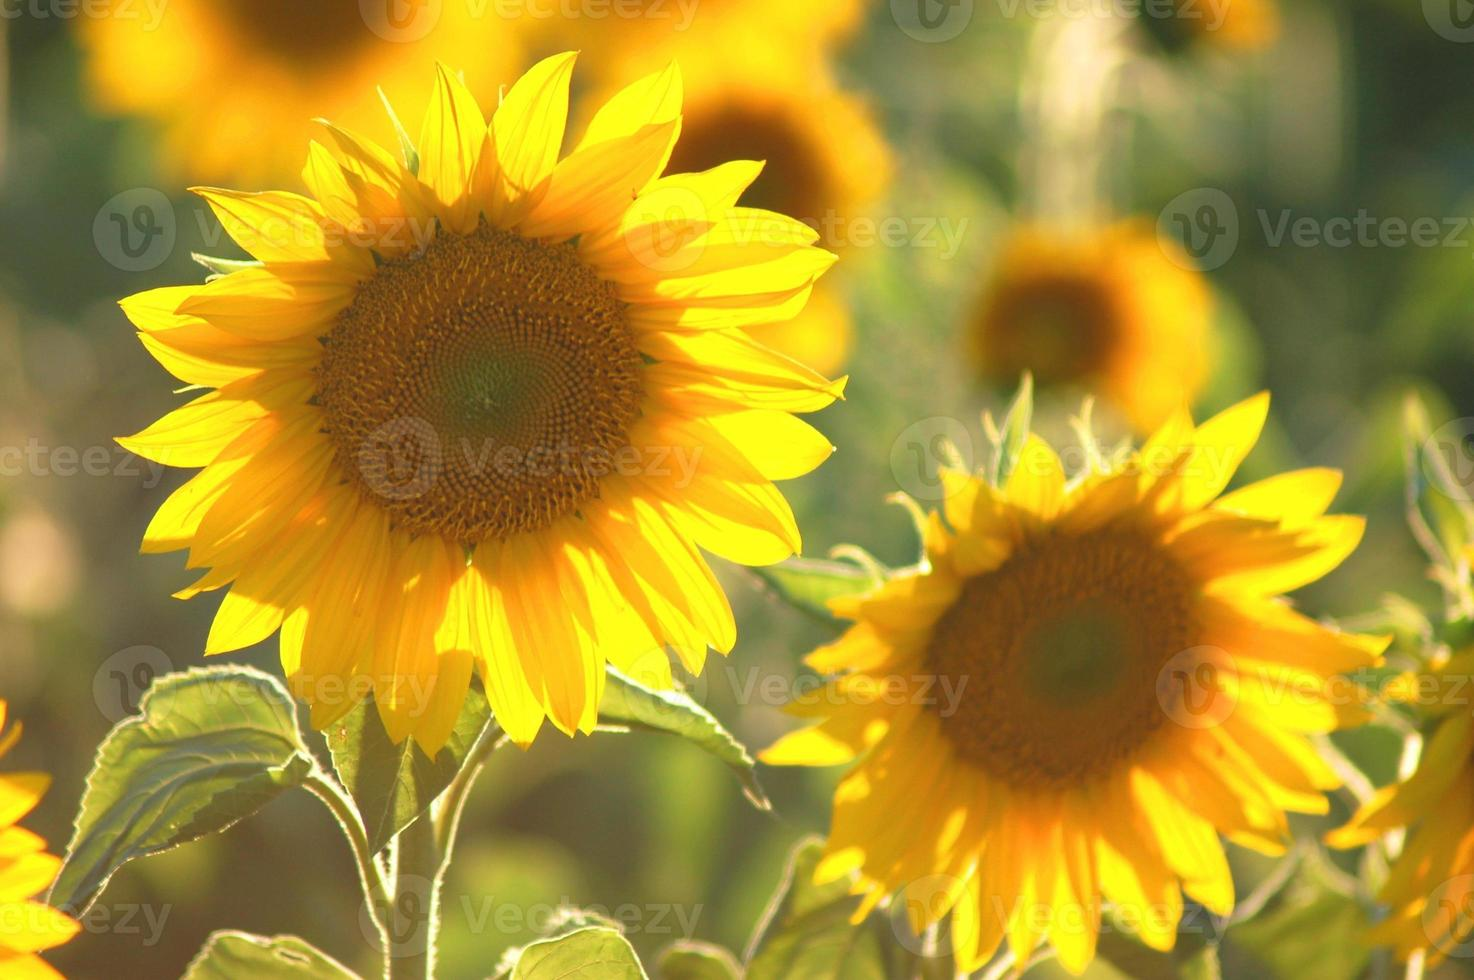 schöne Sonnenblume gegen Sonnenuntergangslicht foto